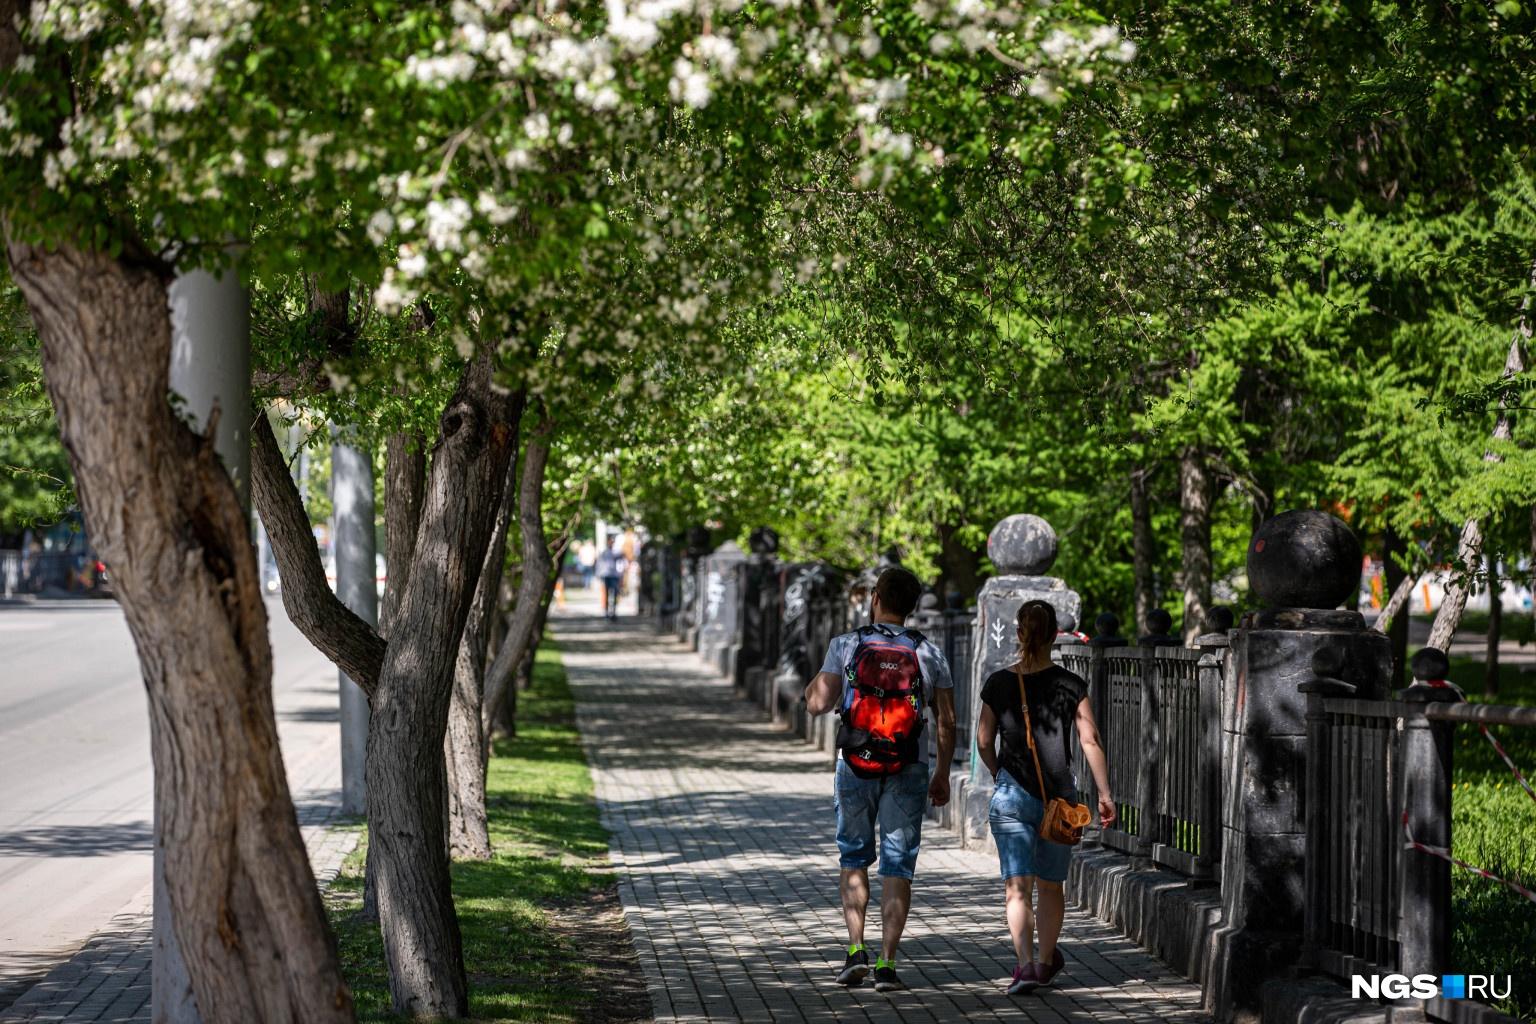 Сибиряки спокойно гуляют возле закрытого парка, полиция их не замечает